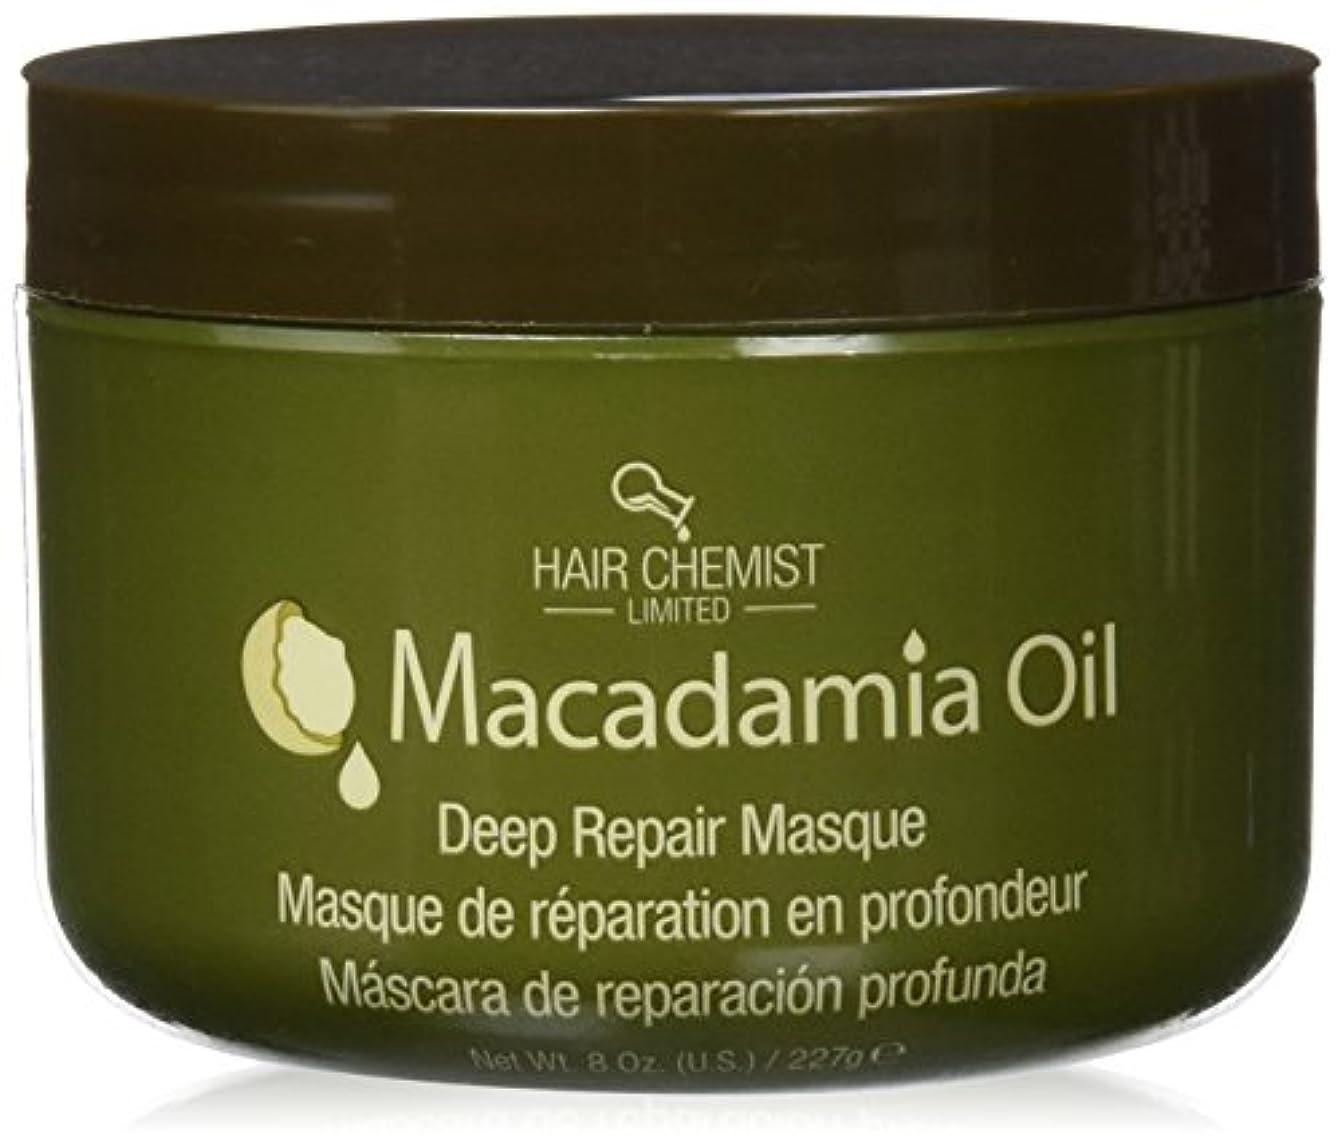 バスト神秘的な受けるHair Chemist ヘアマスク マカダミア オイル ディープリペアマスク 227g Macadamia Oil Deep Repair Mask 1434 New York